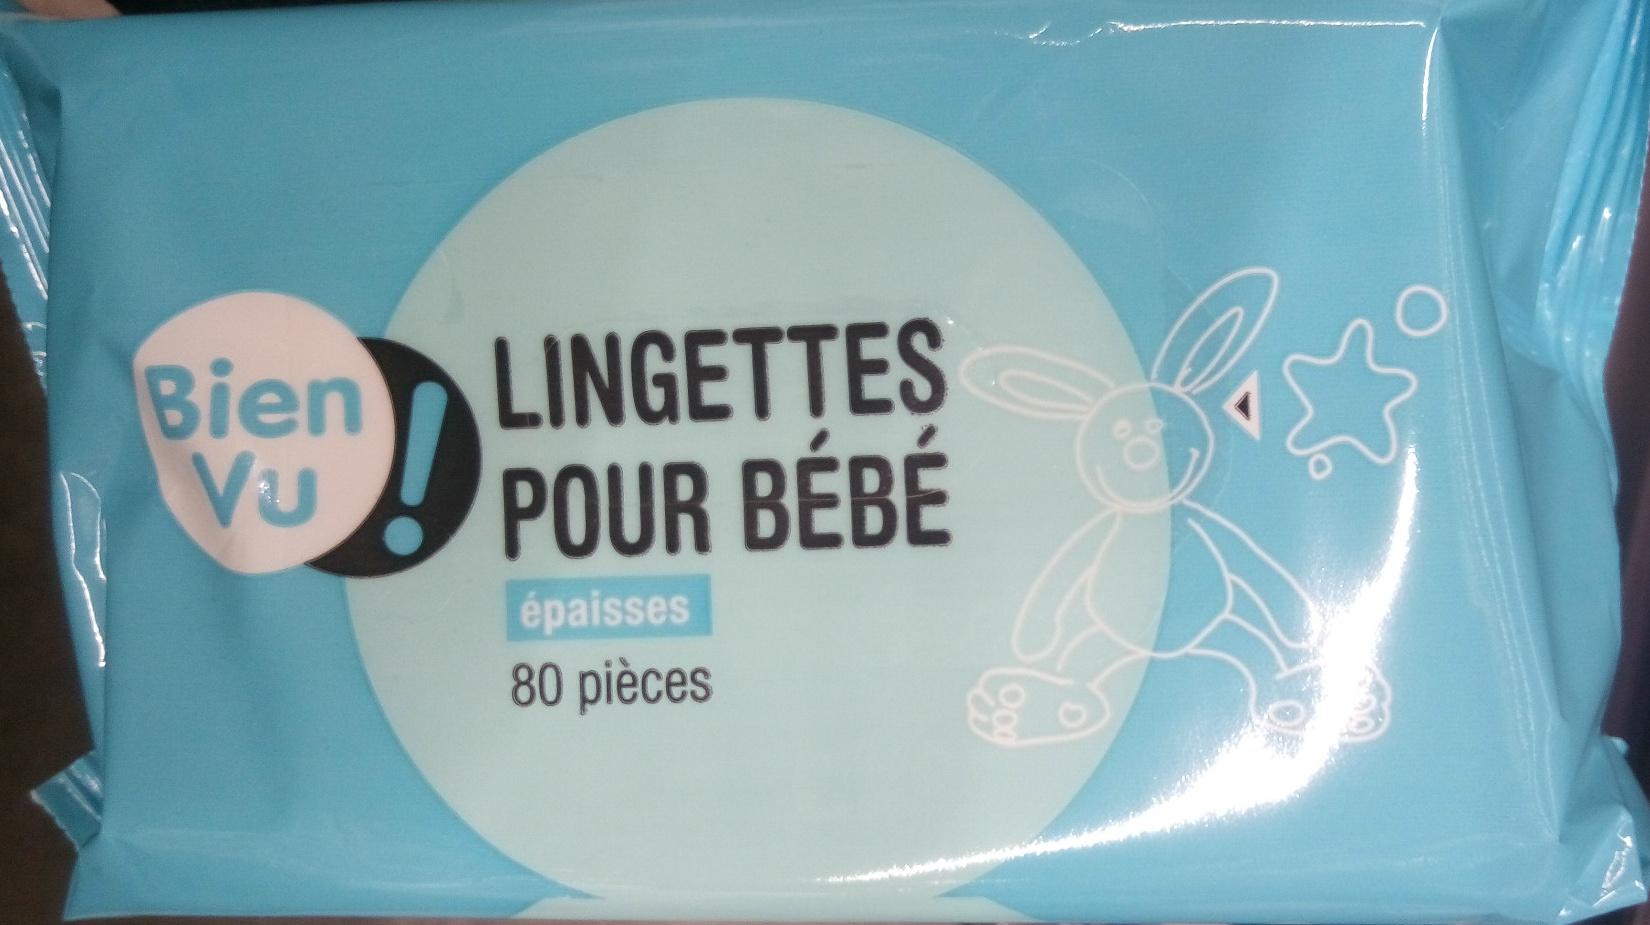 Lingettes pour bébé épaisses 80 pièces - Product - fr